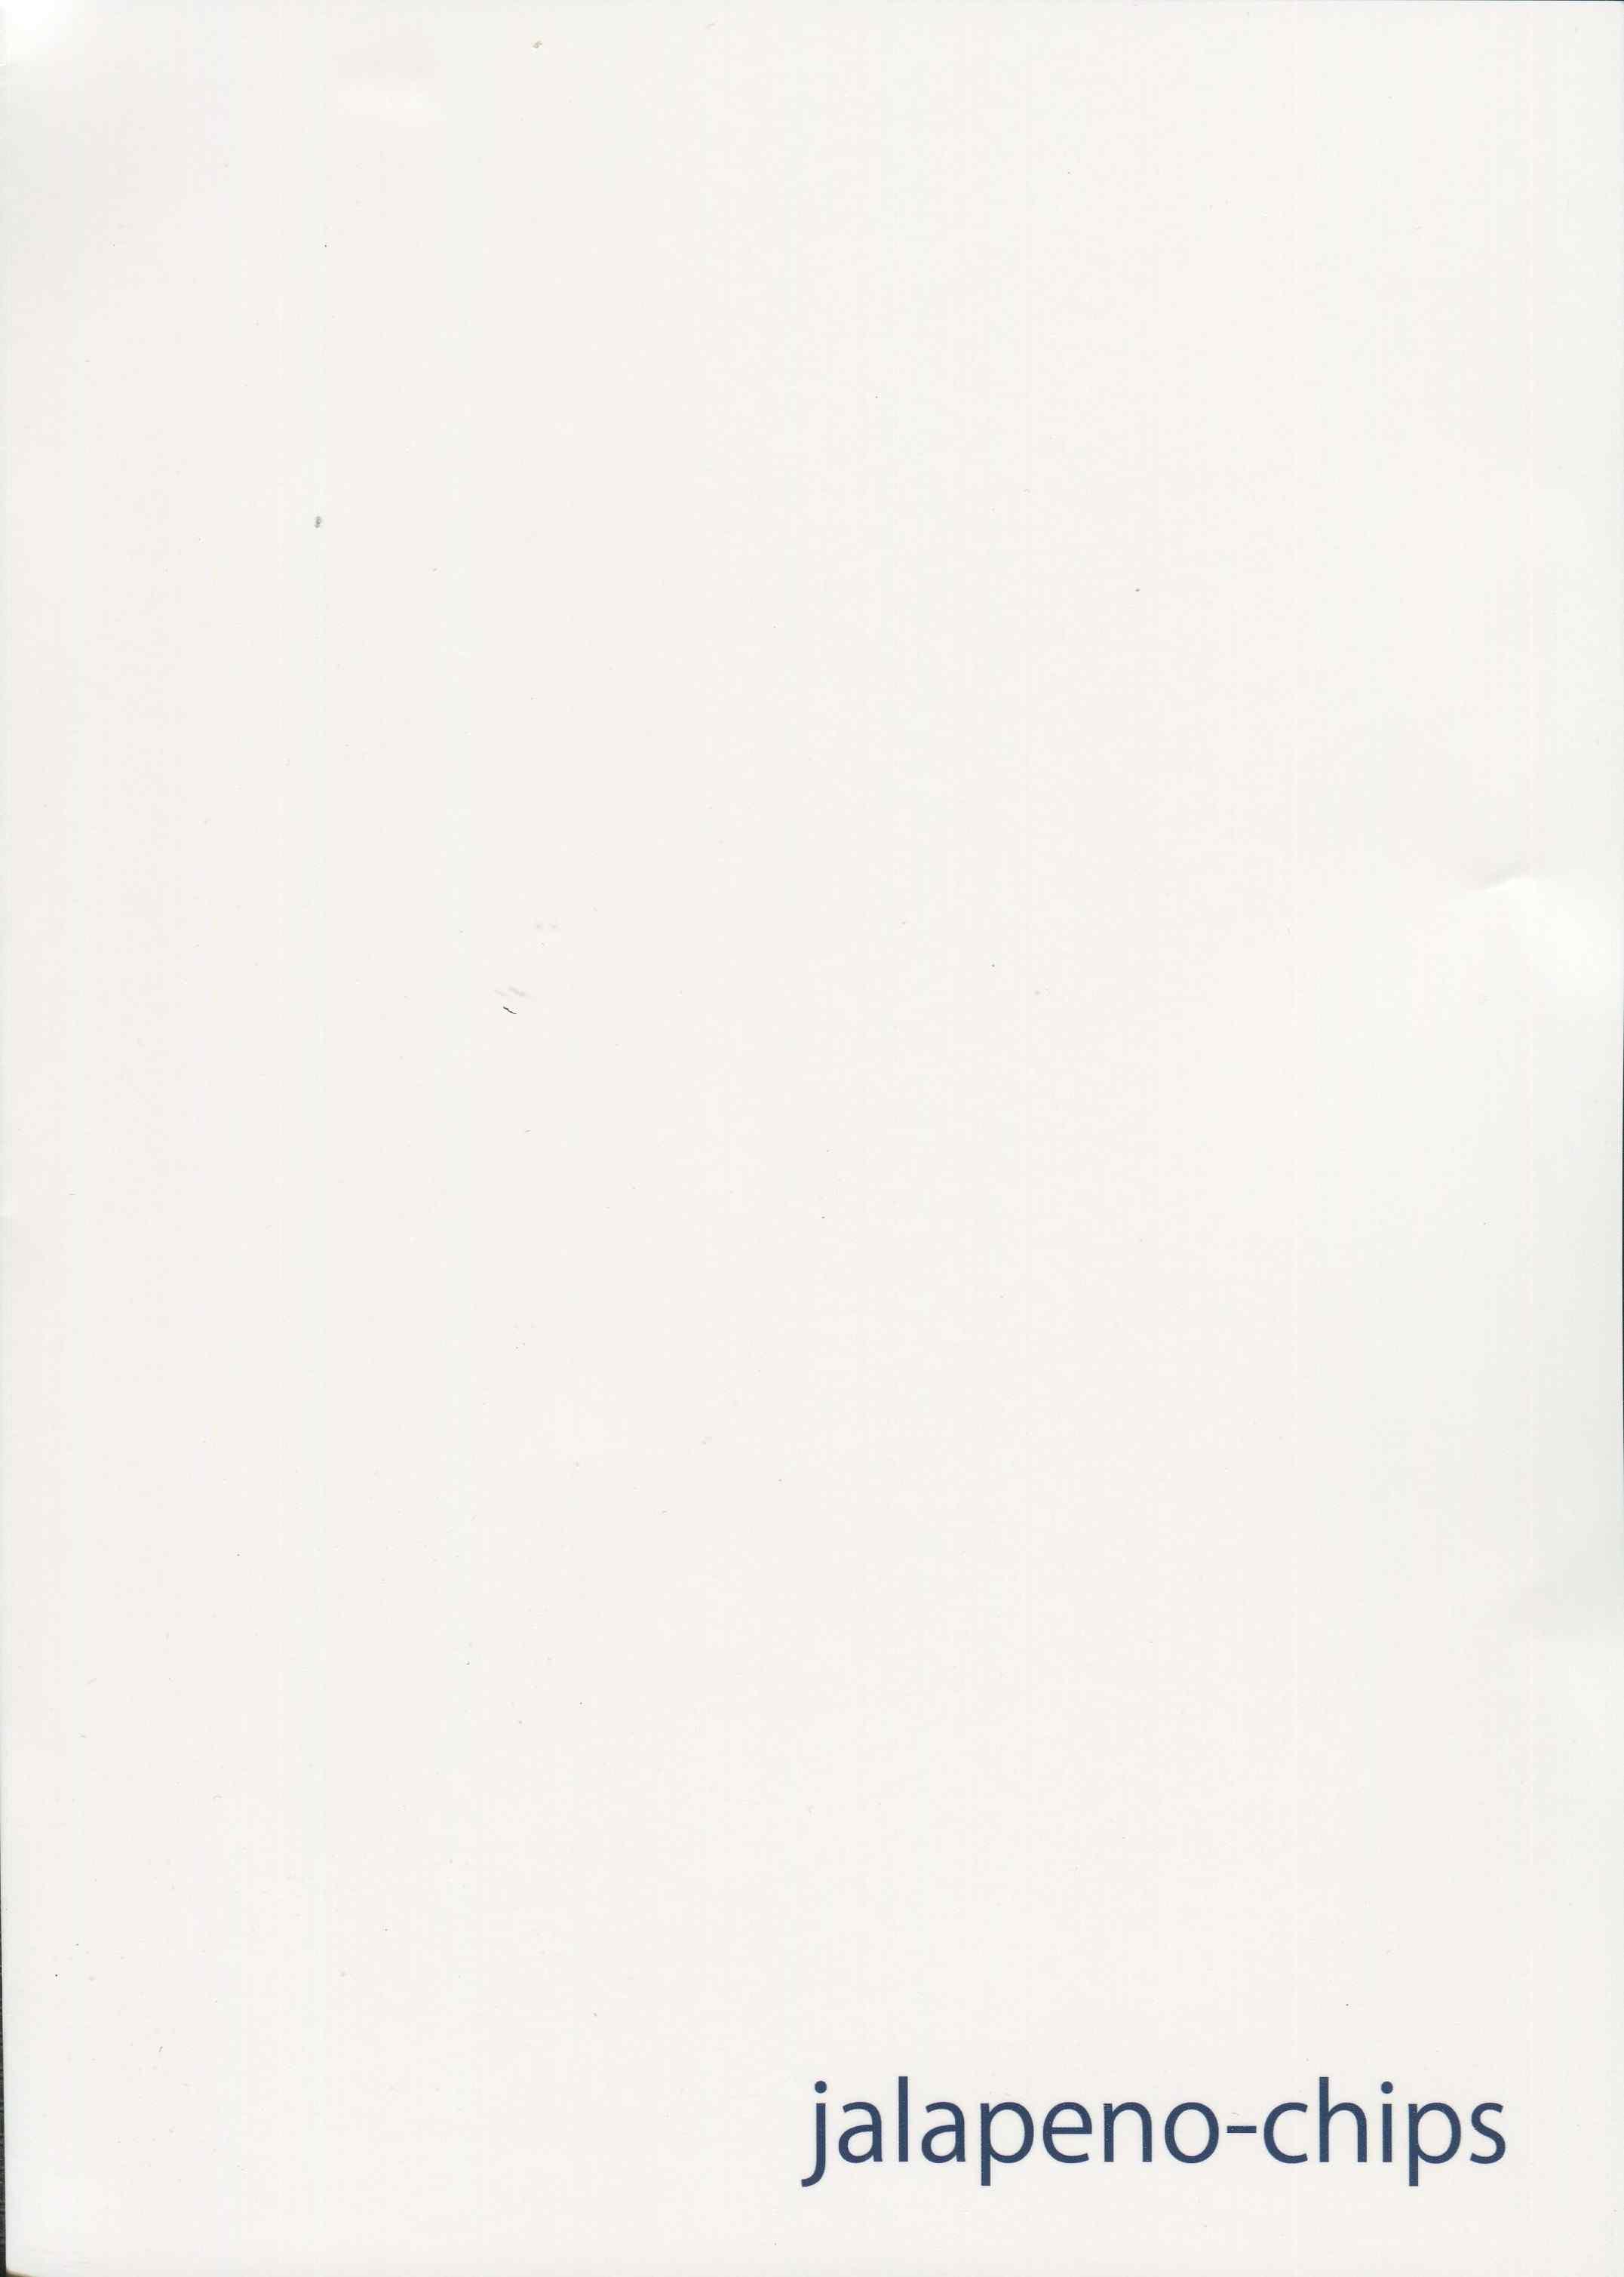 【東方 エロ漫画・エロ同人】霊夢の匂いでオナってる可愛い巨乳のアリスを霊夢が好きにしてま〇こ濡らす話wwwww (18)